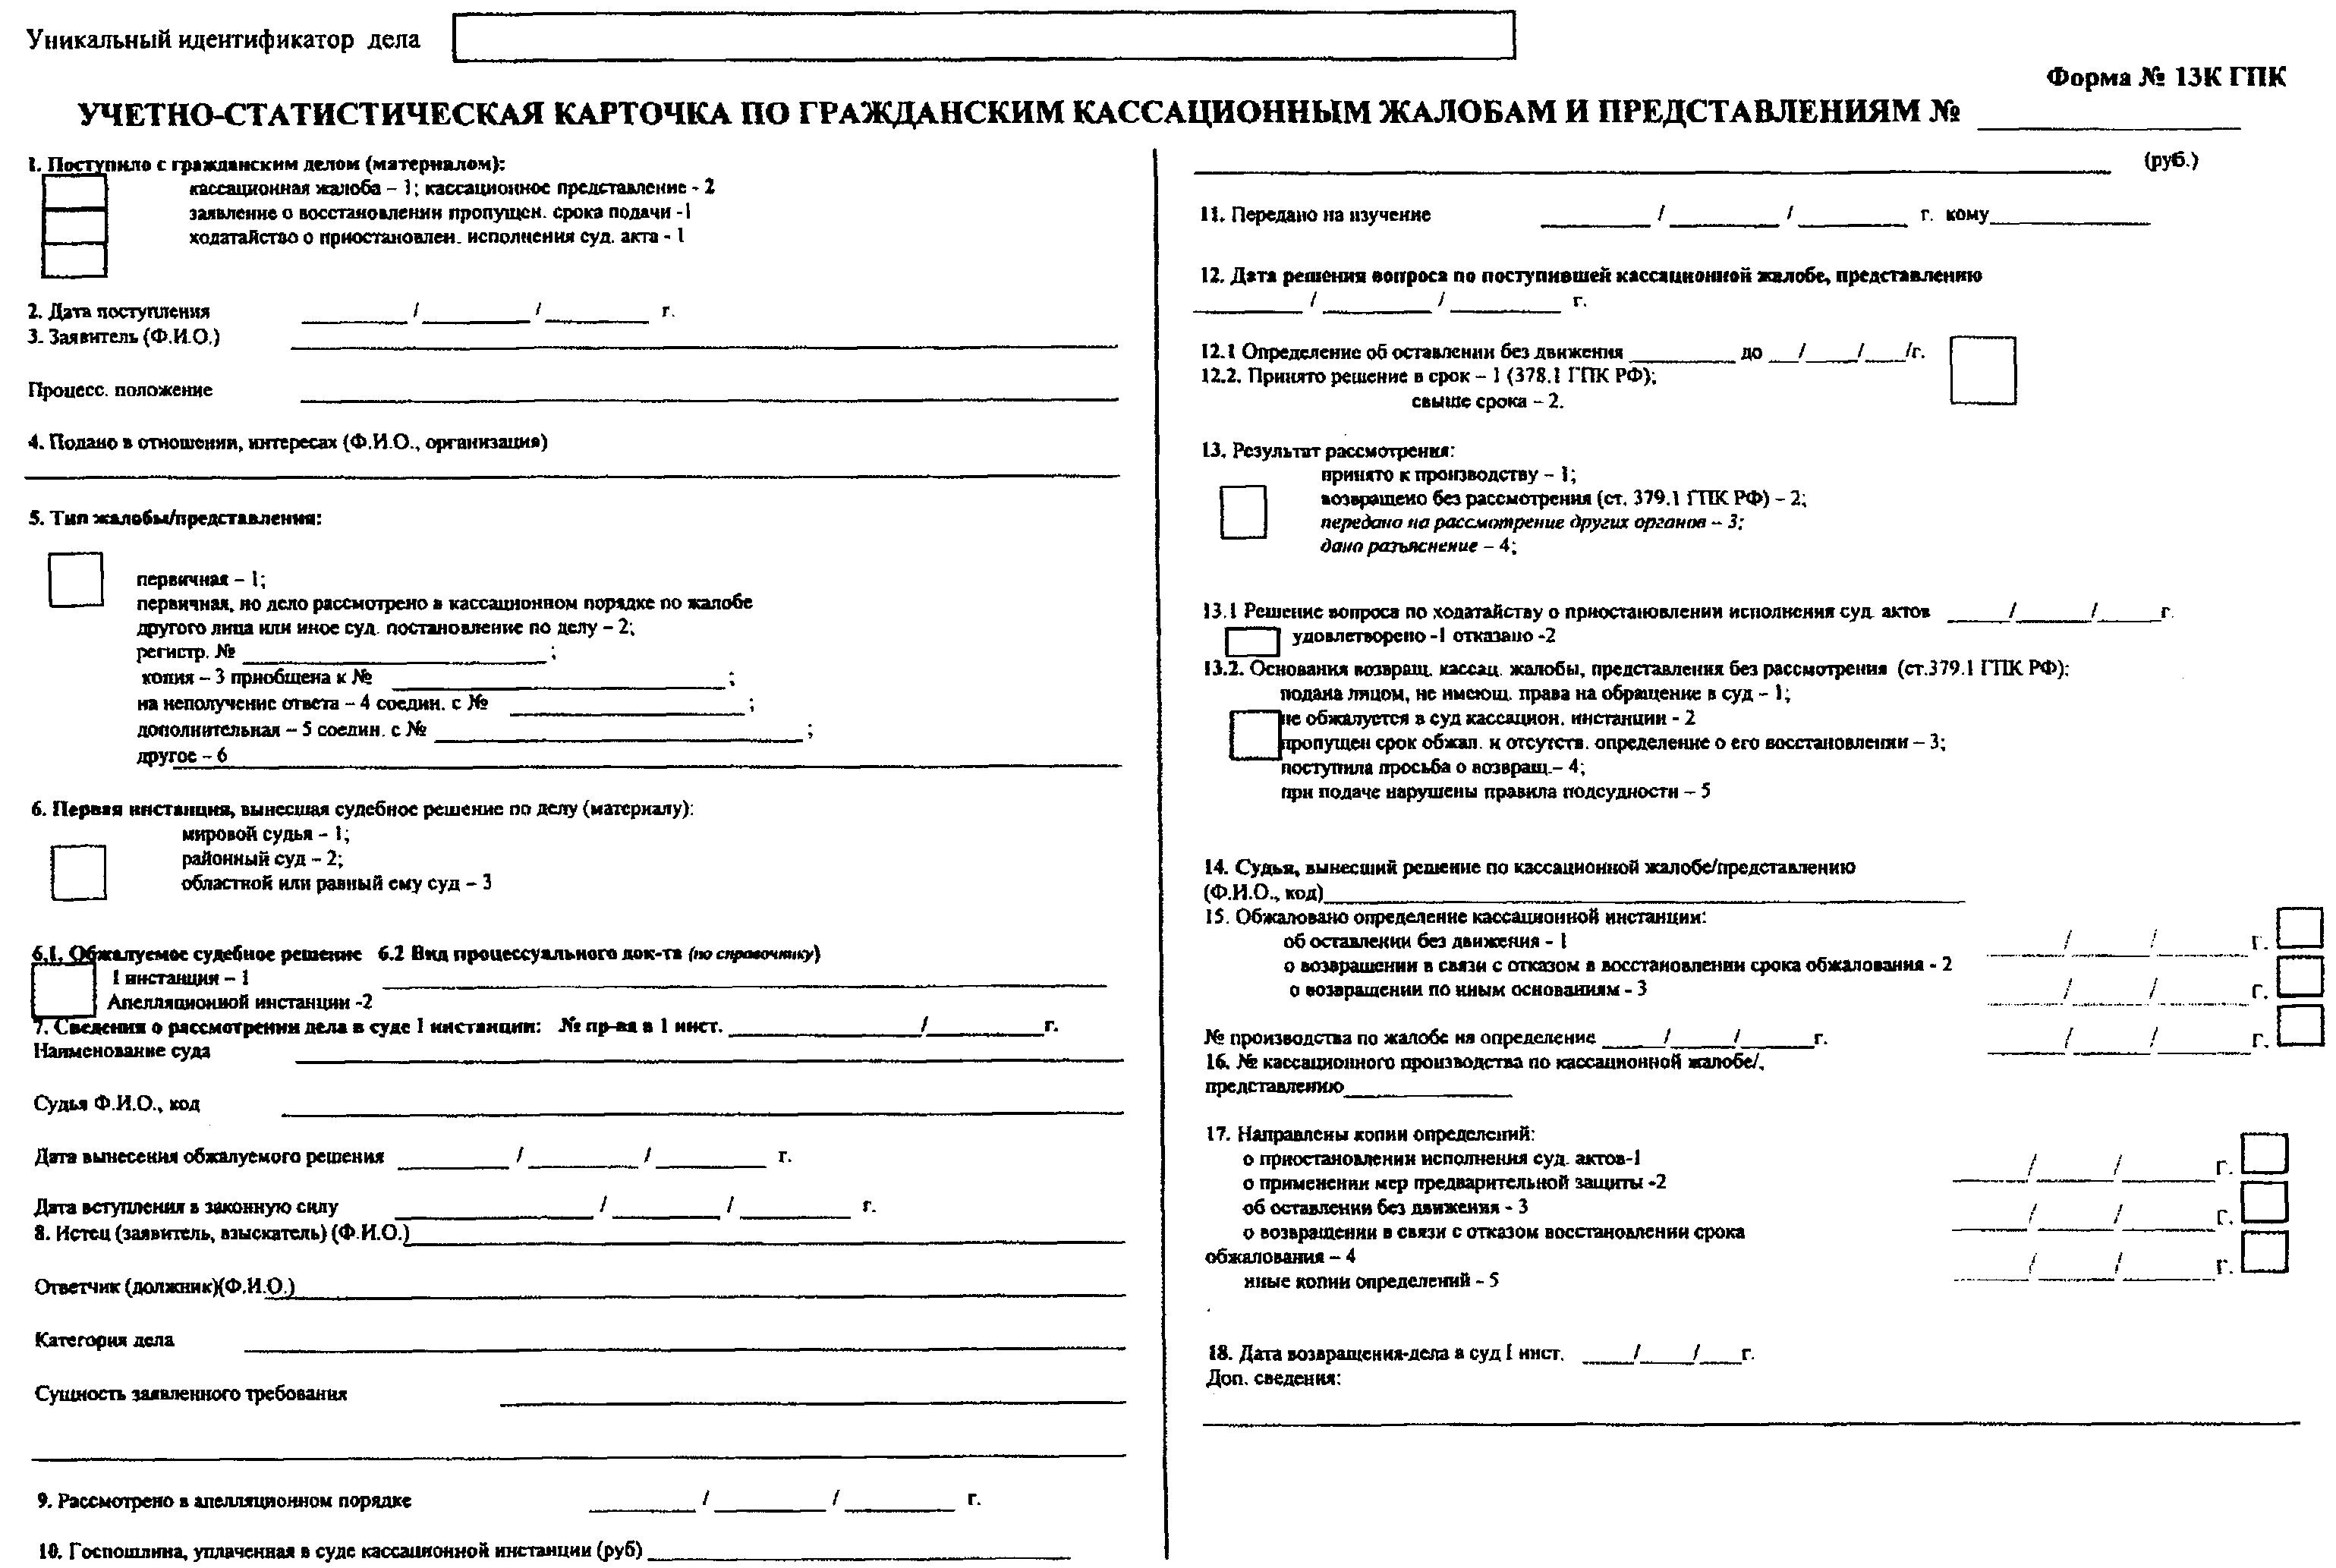 реестр уголовных дел россии